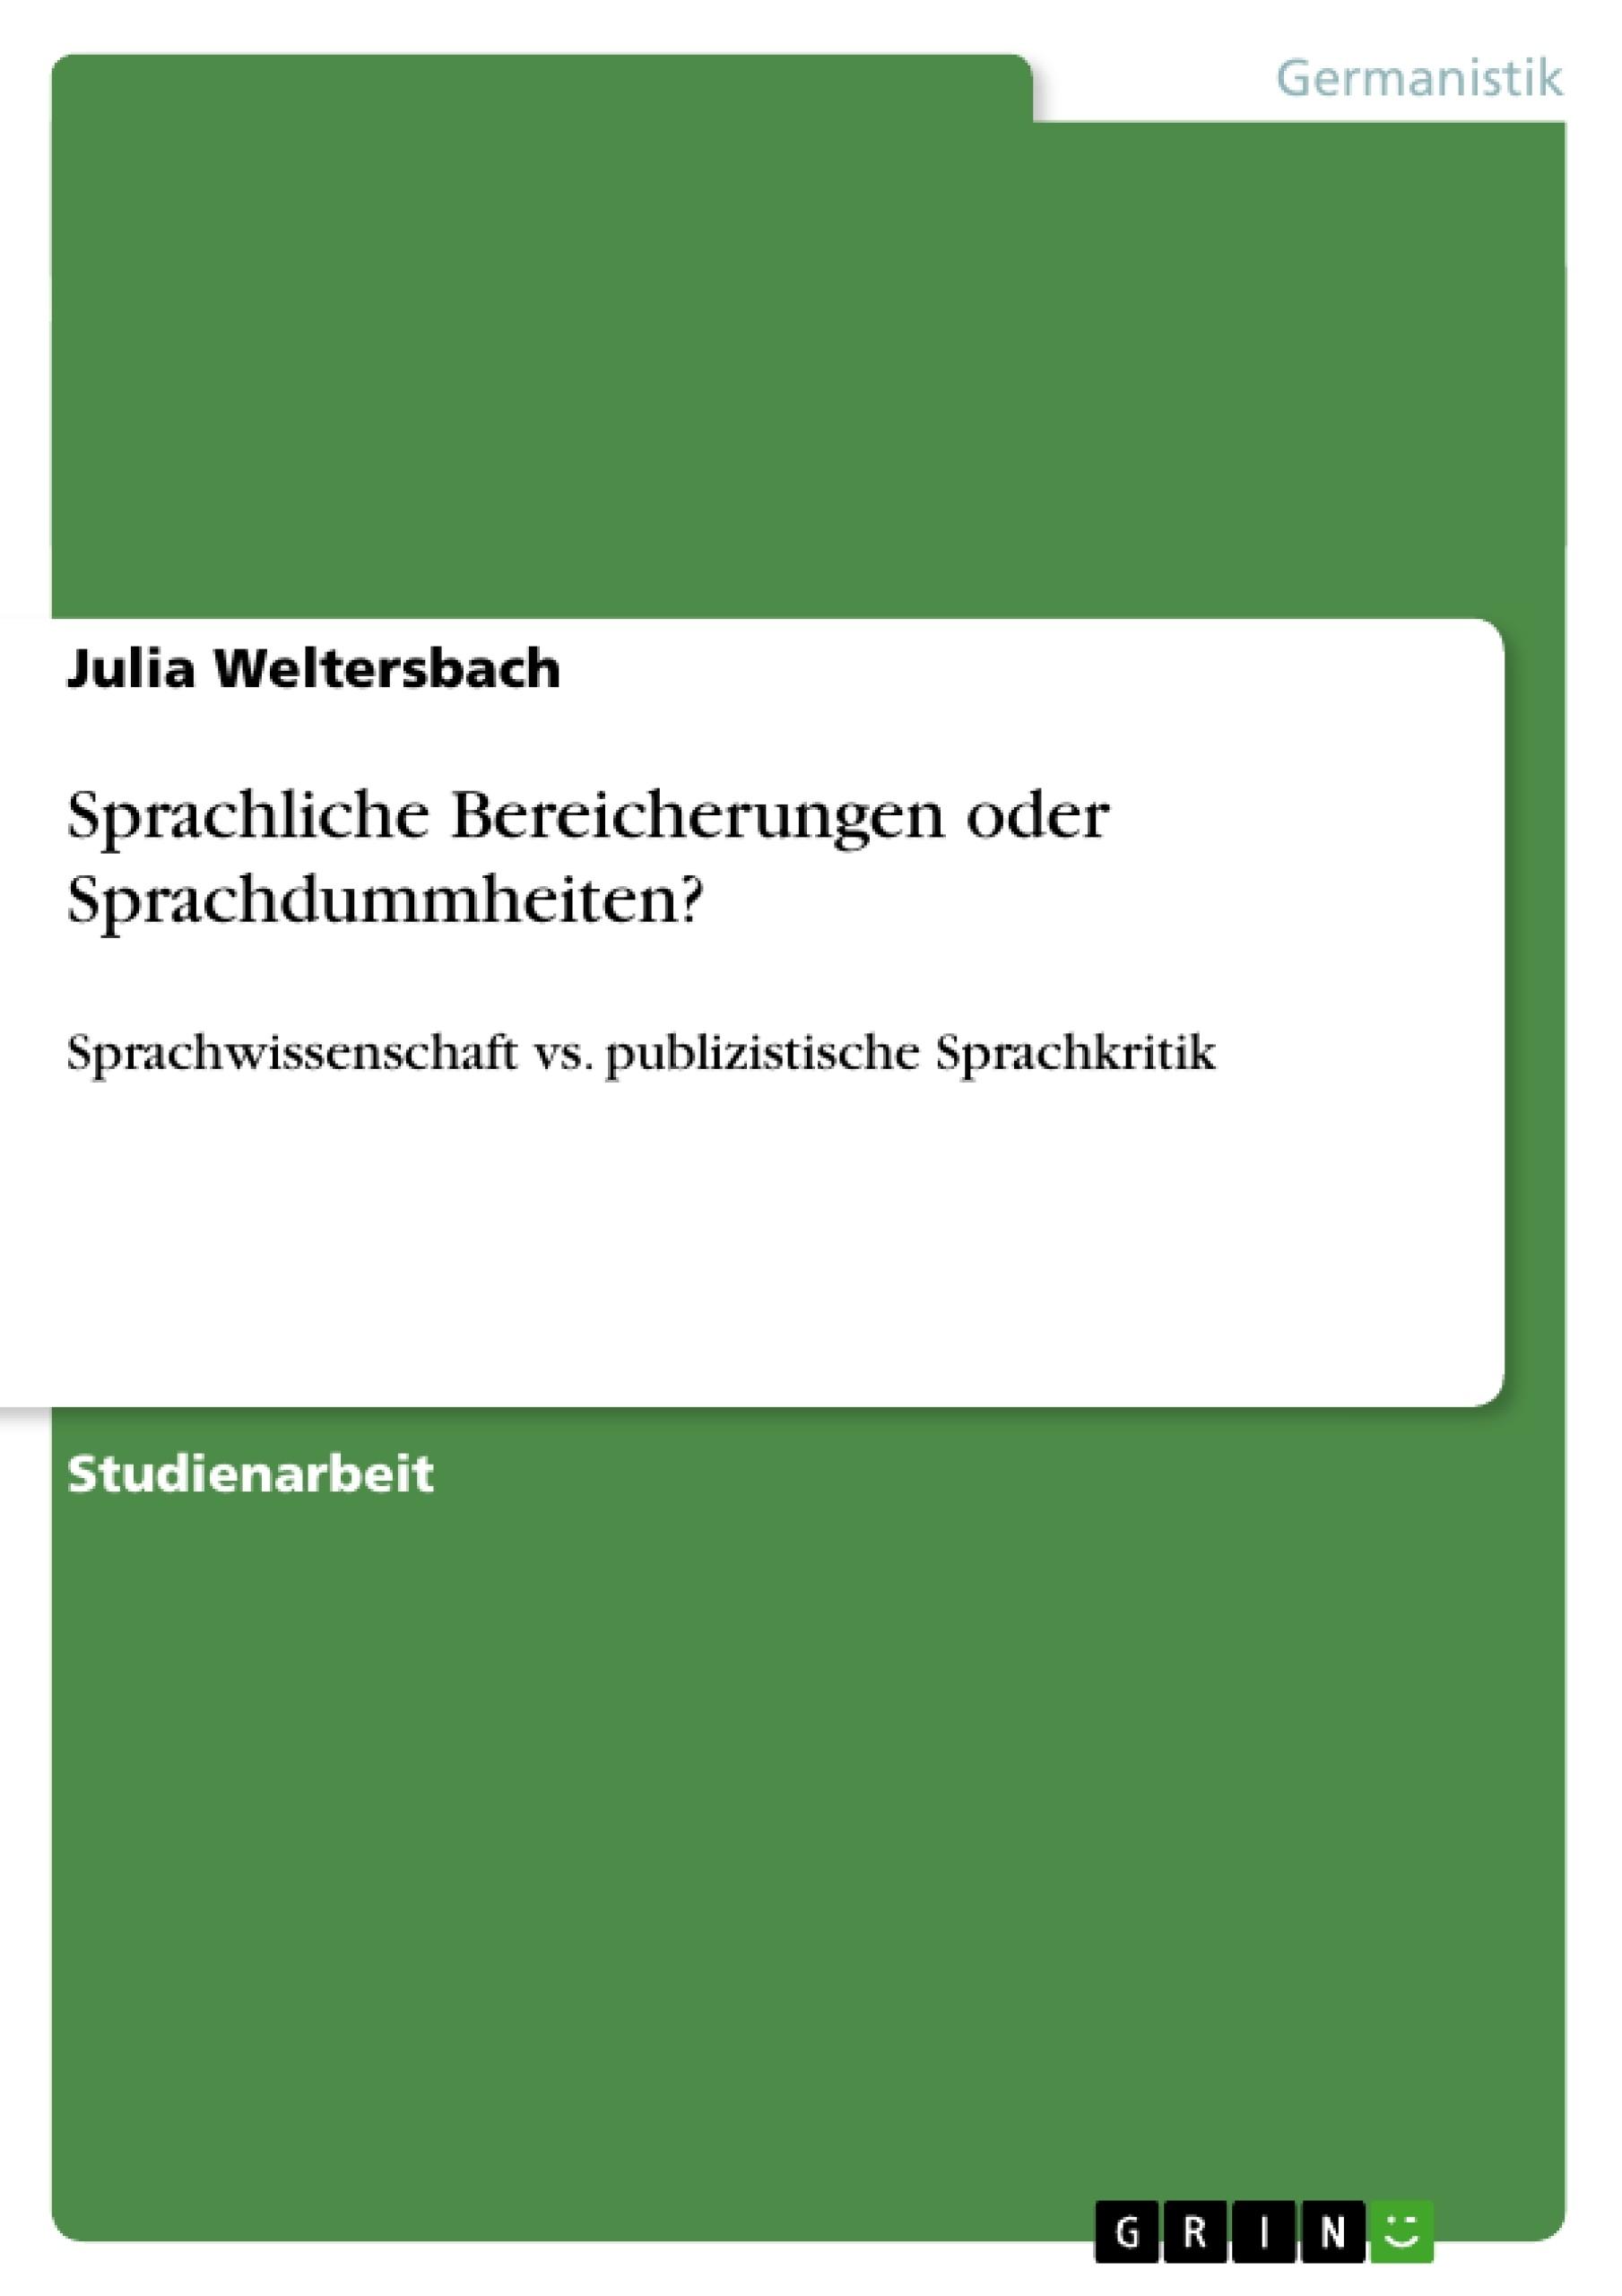 Titel: Sprachliche Bereicherungen oder Sprachdummheiten?